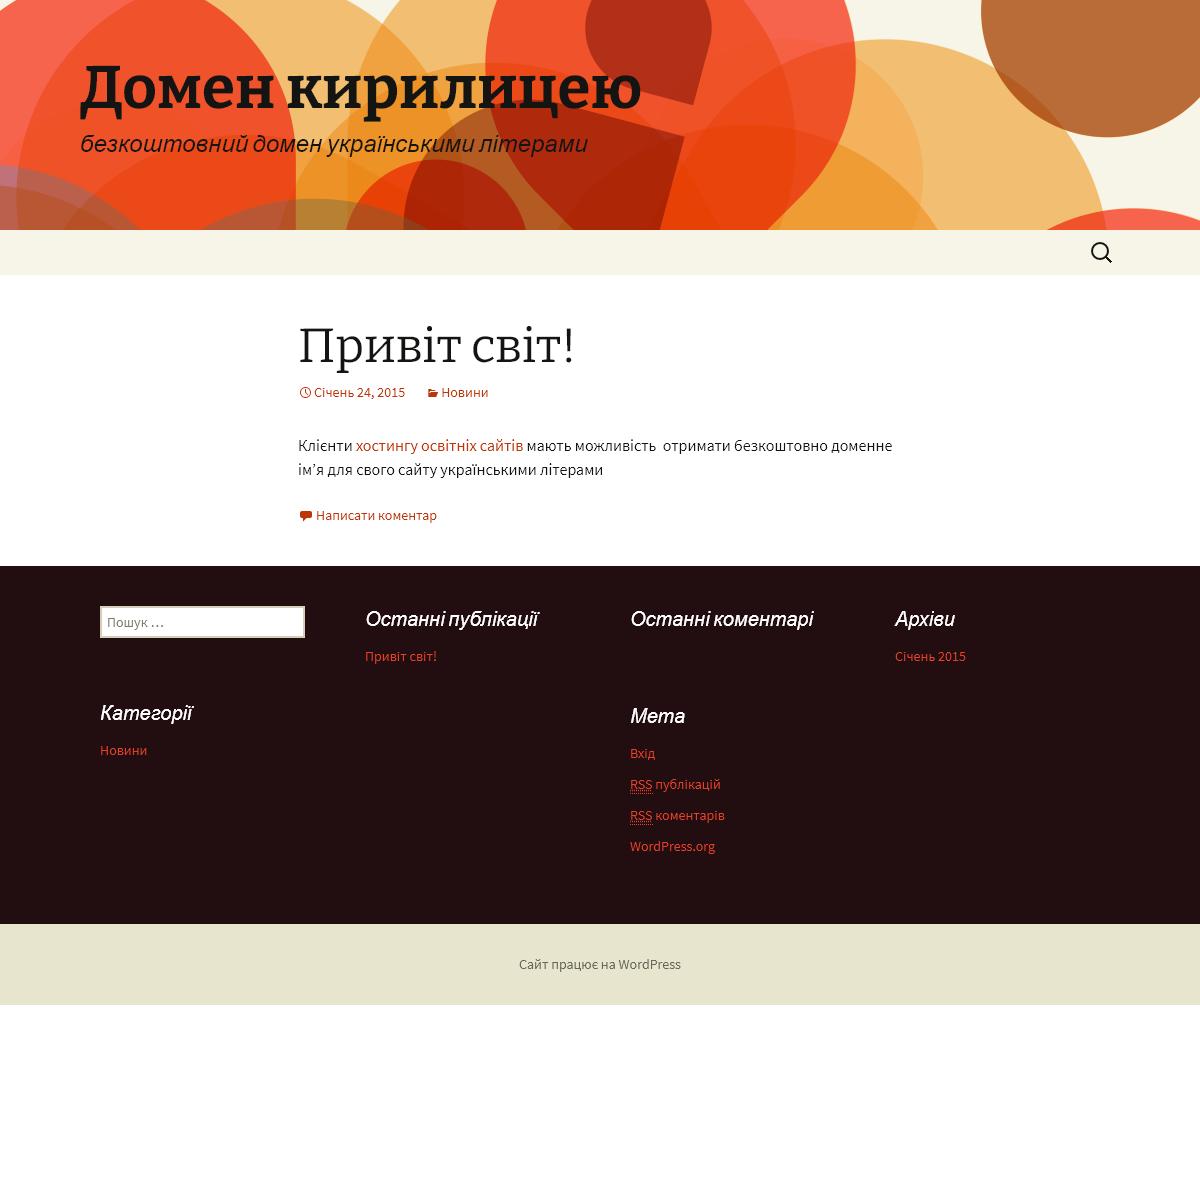 Домен кирилицею - безкоштовний домен українськими літерами